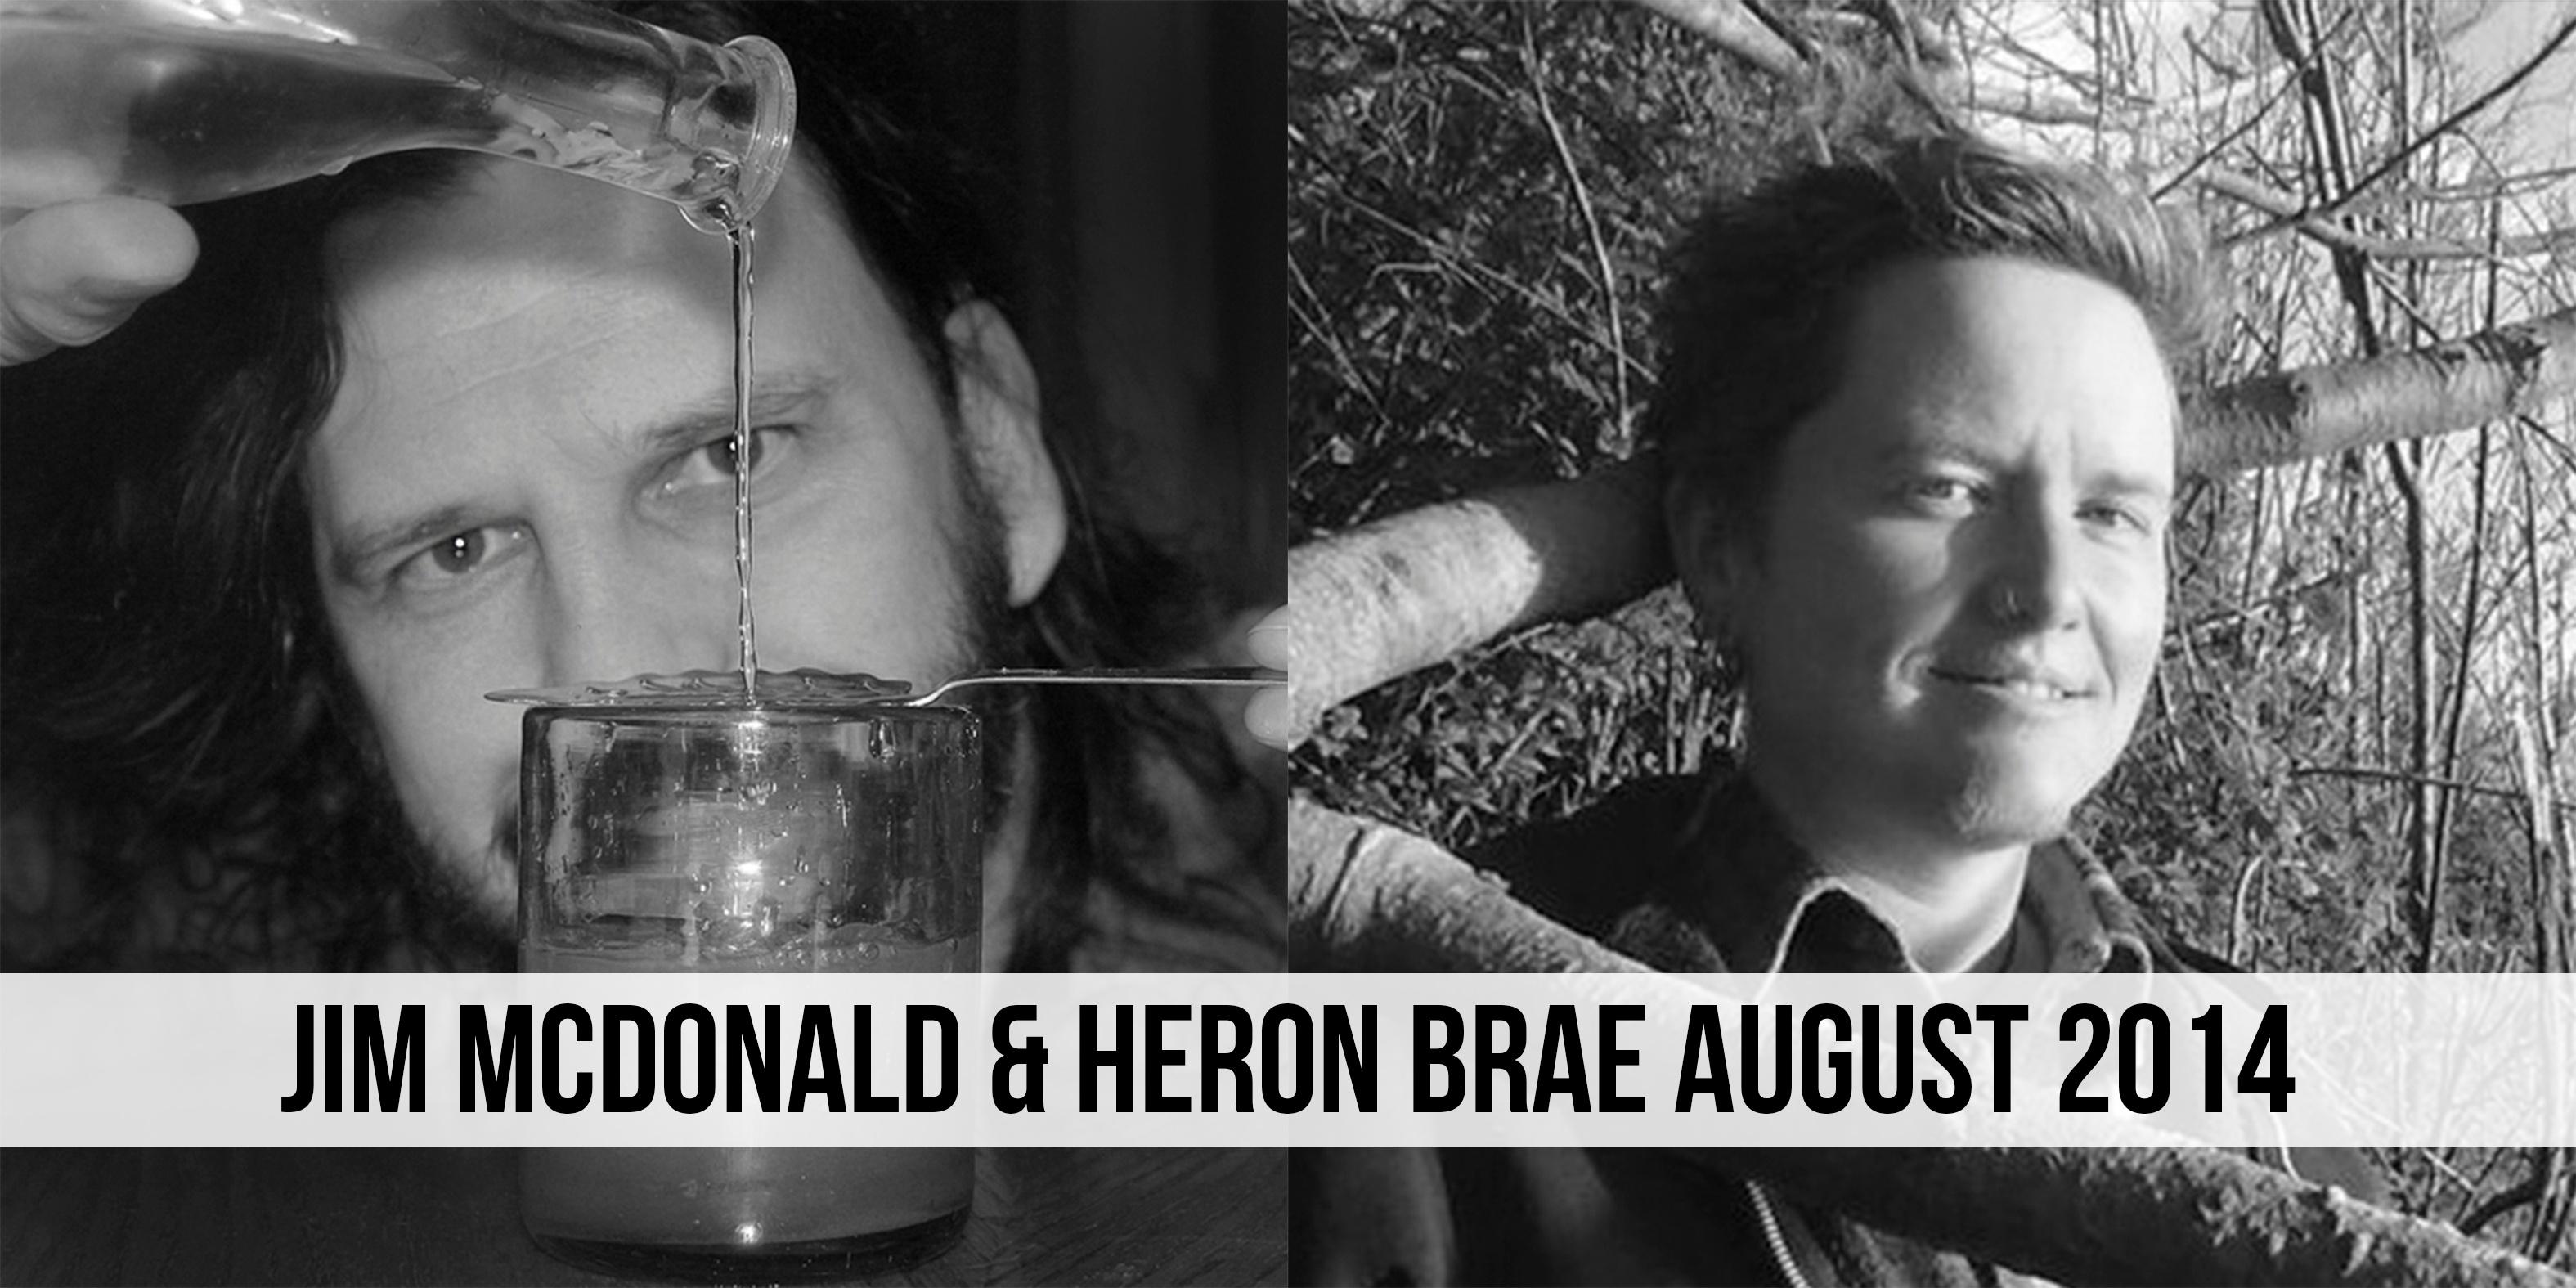 Jim Mcdonald and Heron Brae